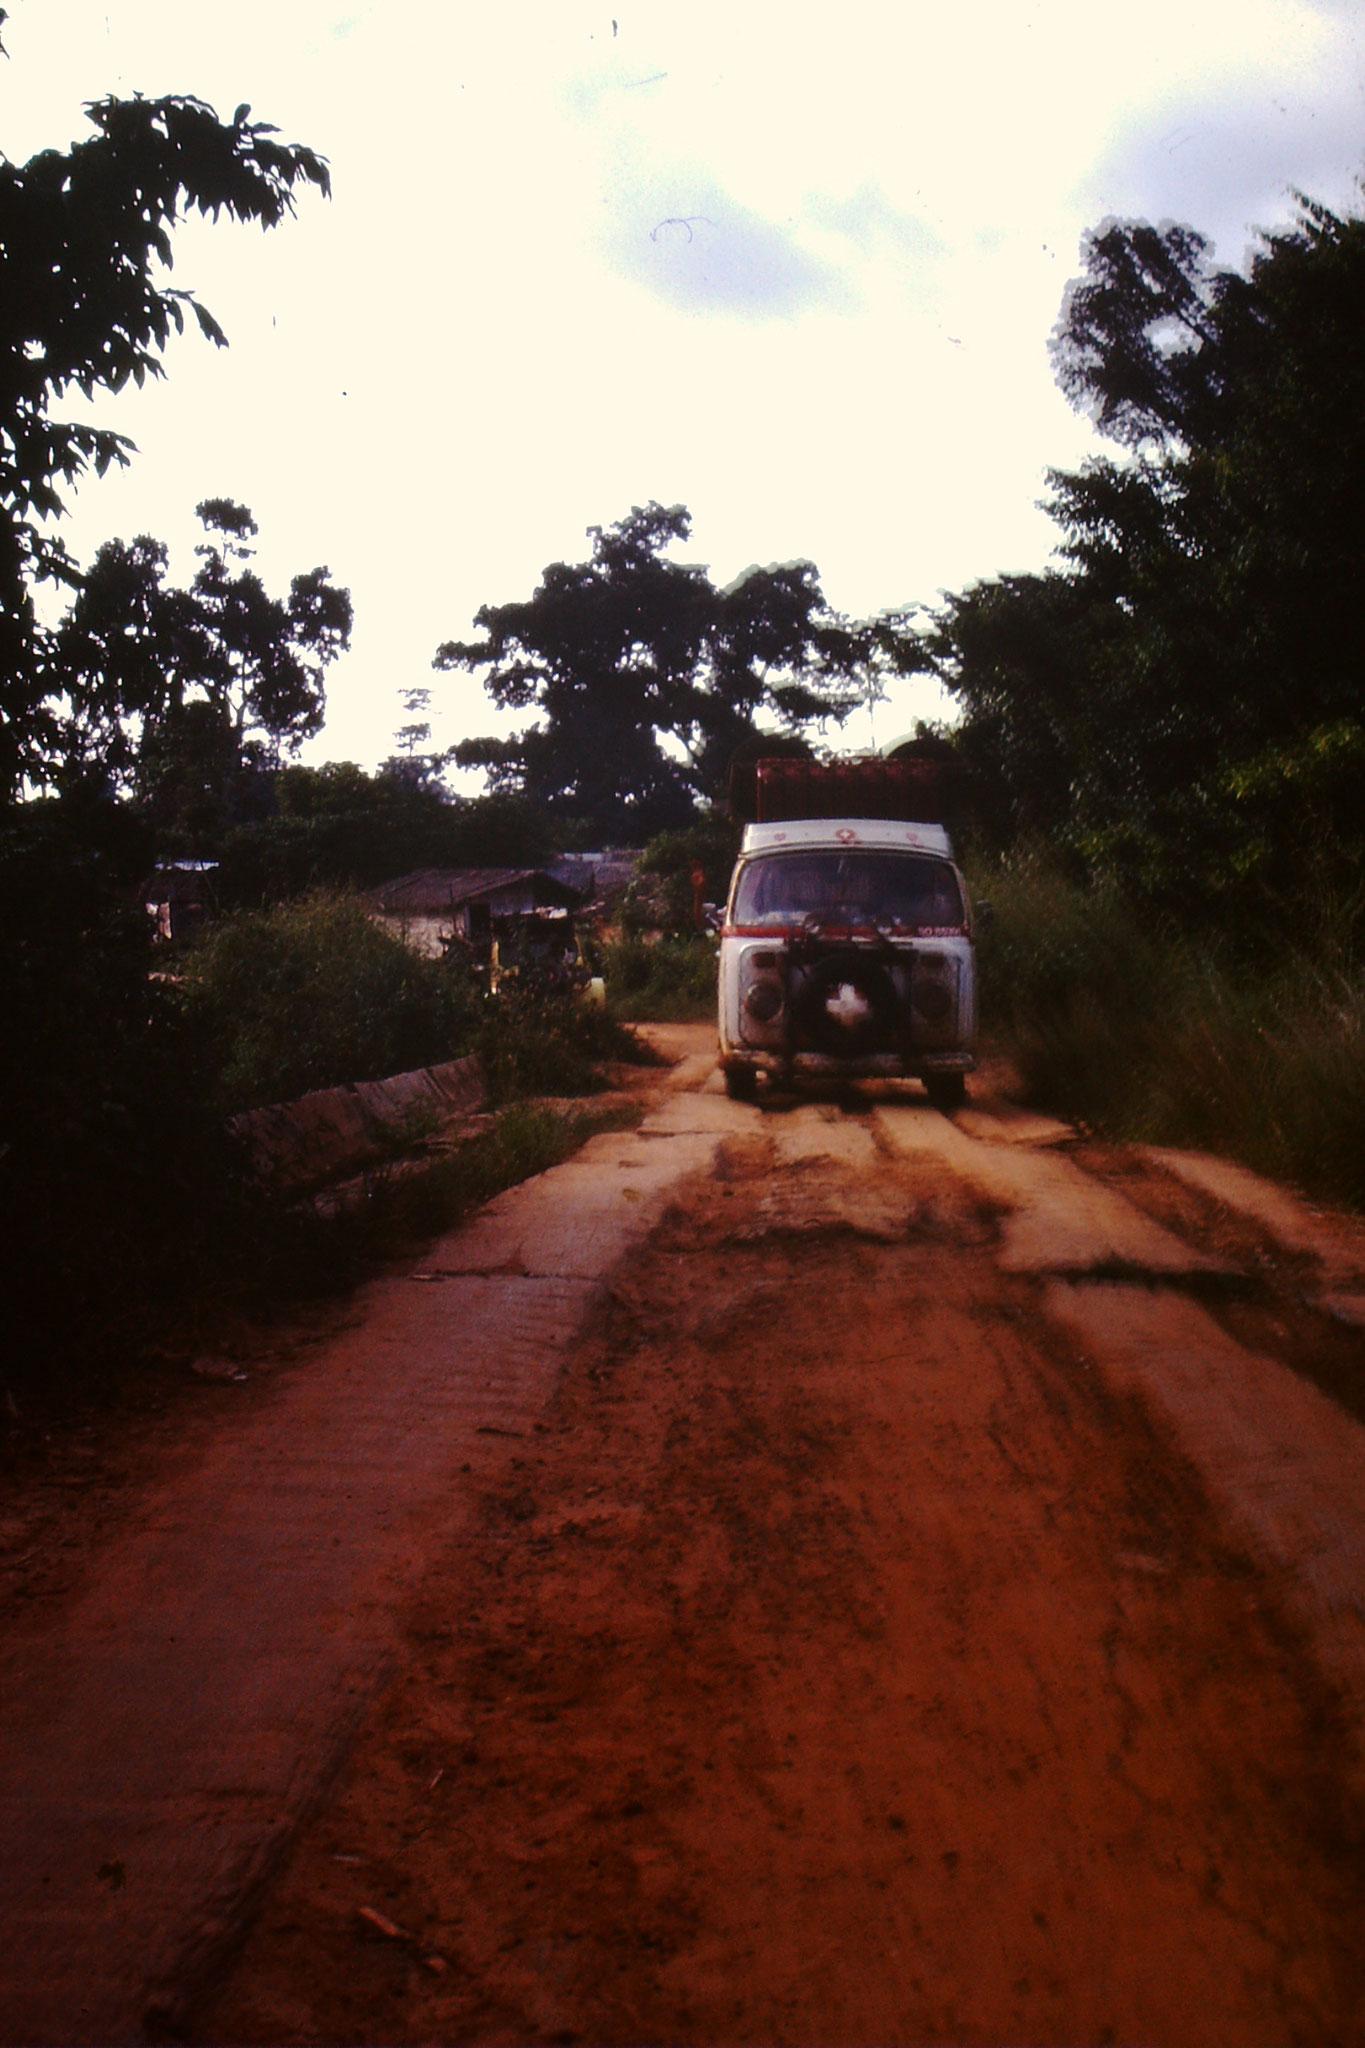 Eine etwas schlechtere Piste, mit Holz fahrbar gemacht. Der Bus steht kurz vor einer Brücke, der über das Bächlein Comoé führt.